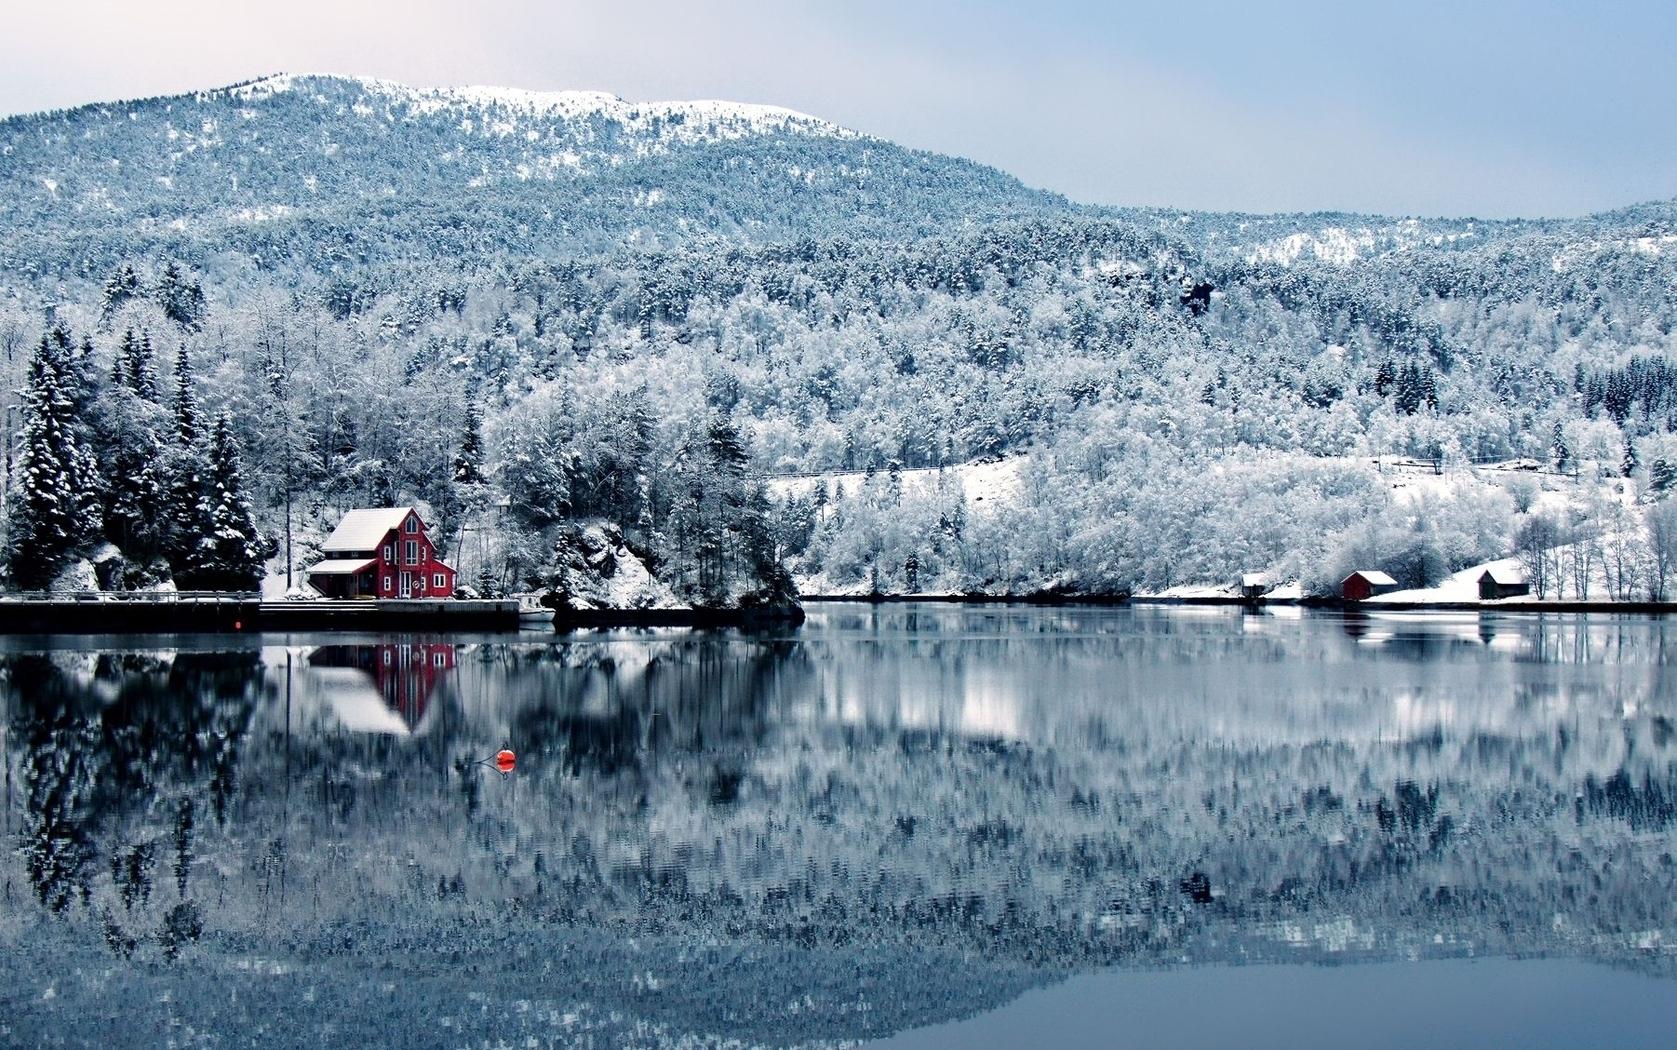 23460 скачать обои Пейзаж, Зима, Река, Деревья, Горы - заставки и картинки бесплатно